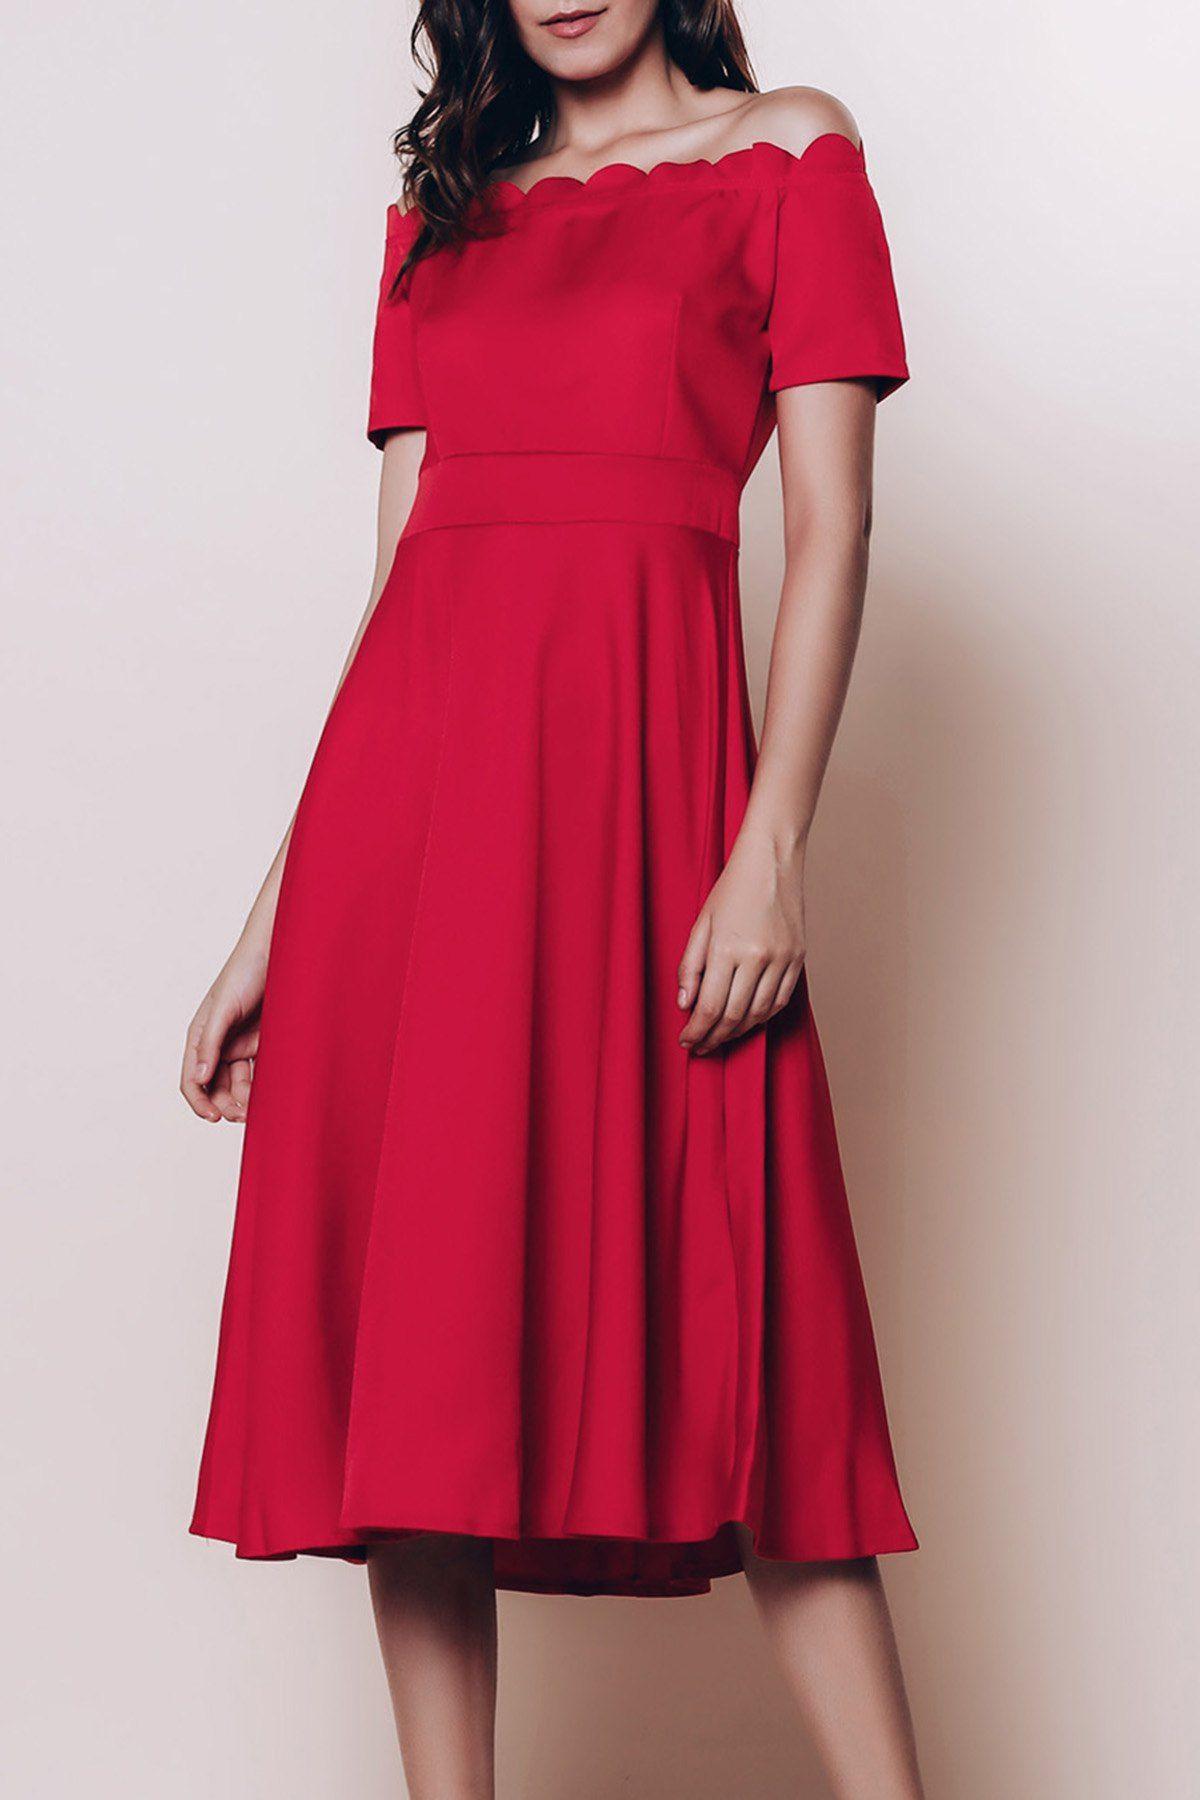 Perfekt Lange Winterkleider für 2019Designer Schön Lange Winterkleider Boutique